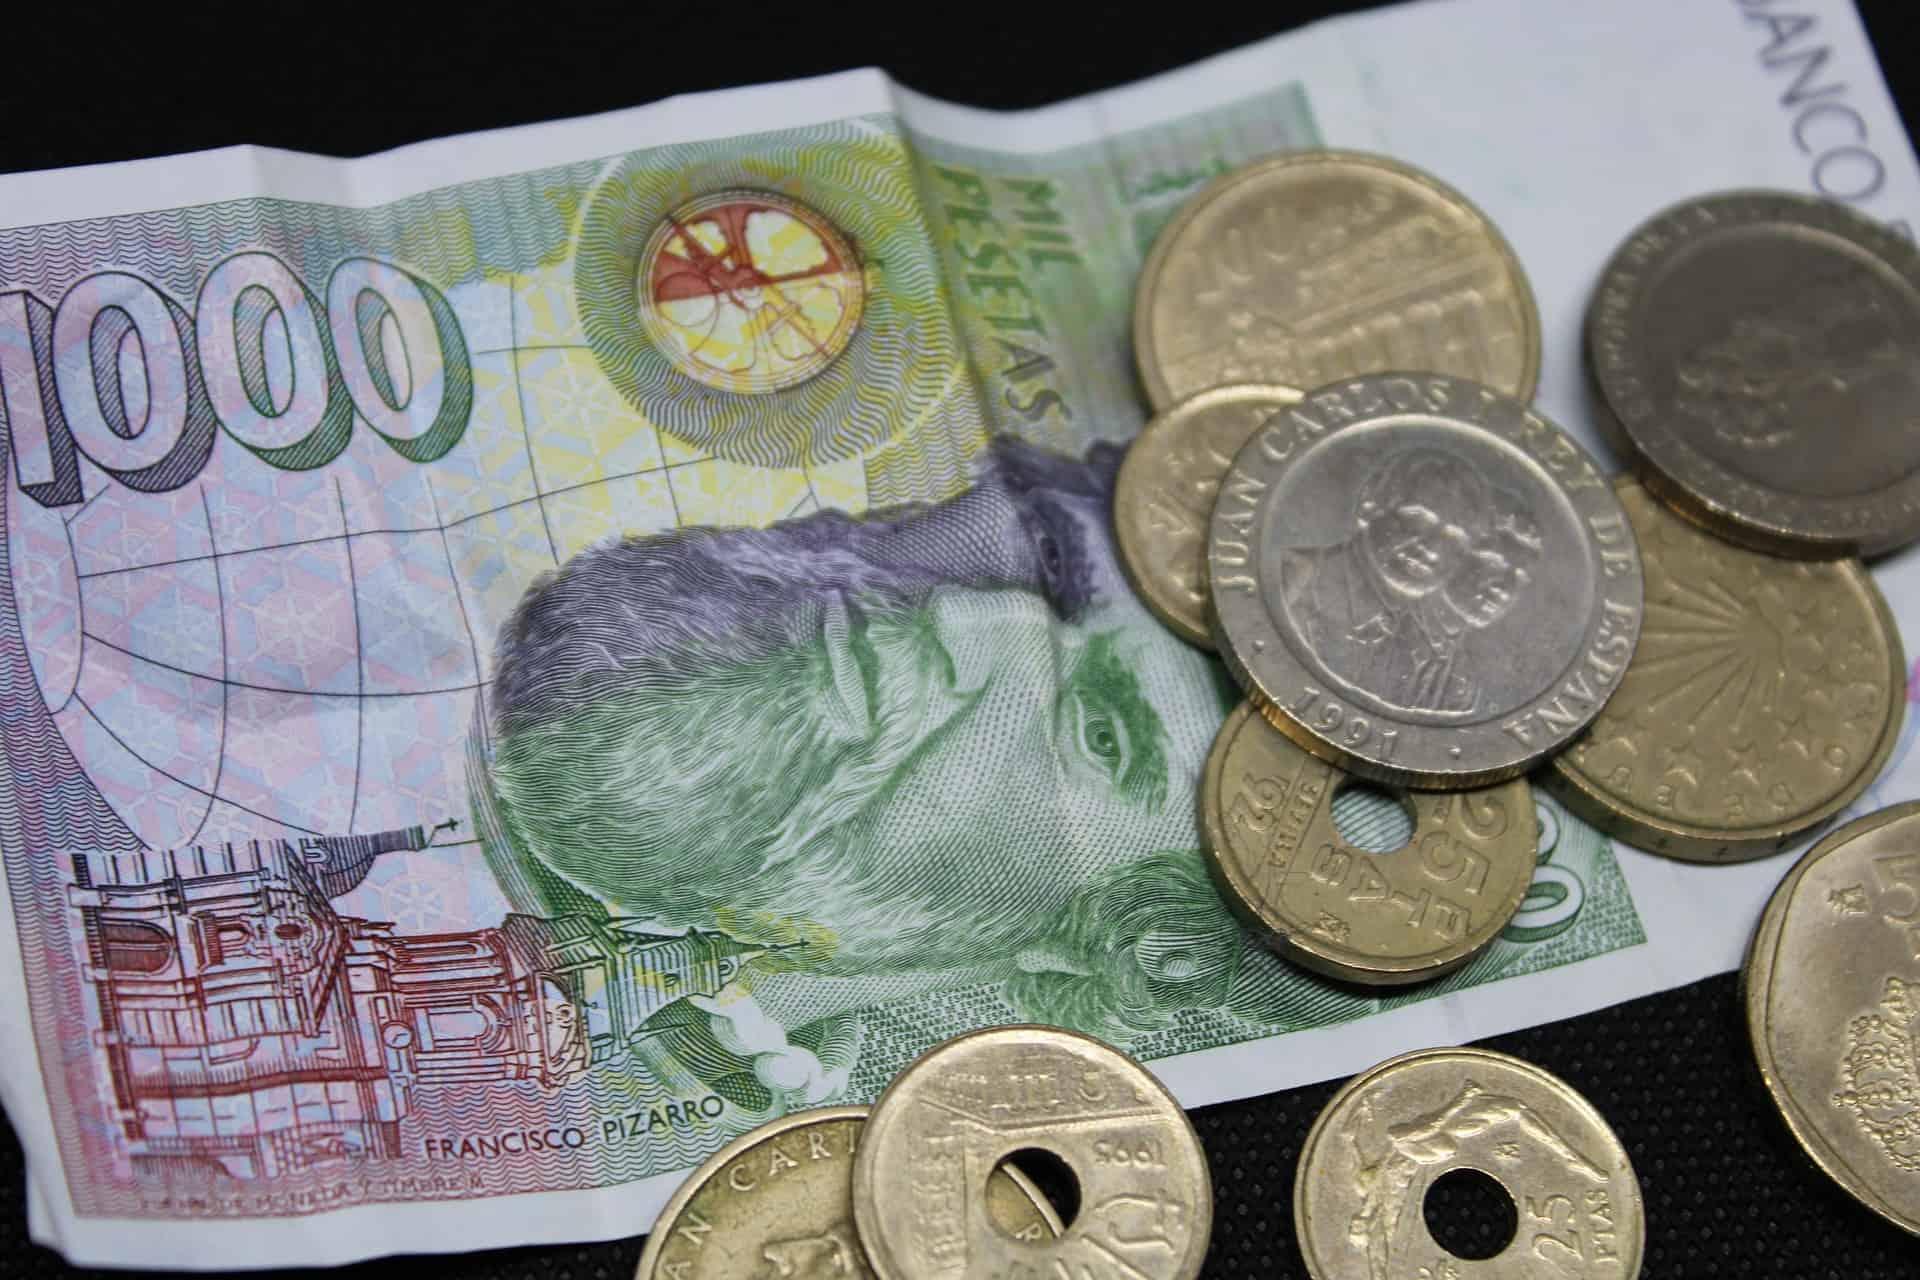 9 pruebas de monedas de Juan Carlos I que probablemente no hayas visto en tu vida